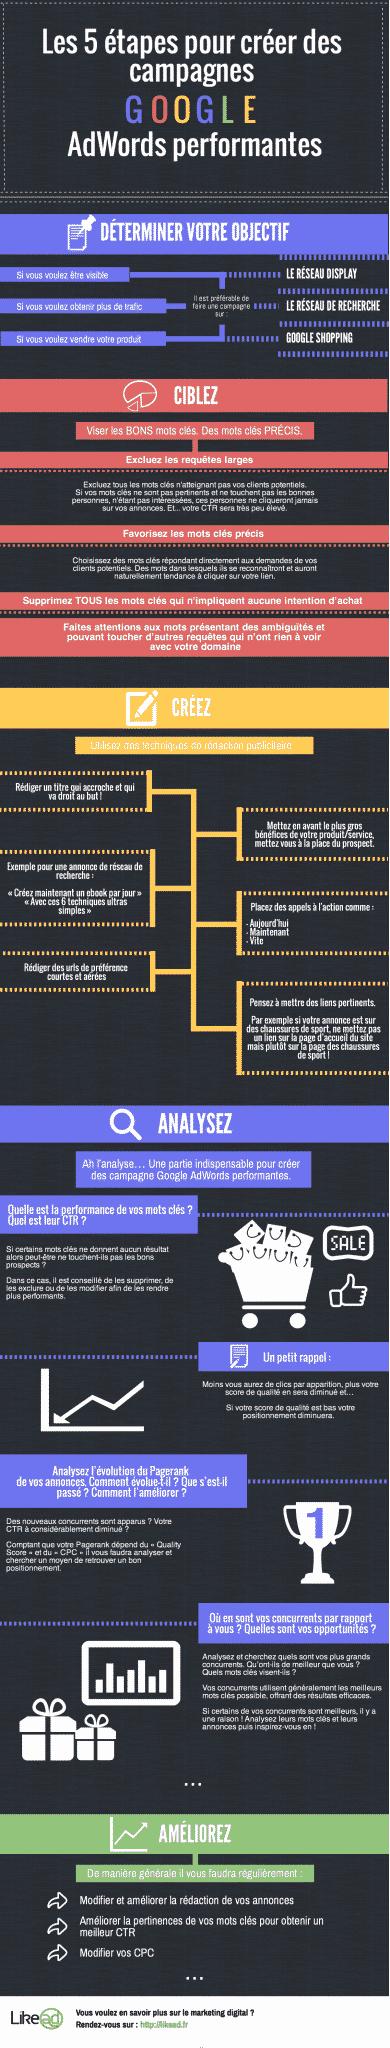 Infographie sur le processus d'optimisation du SEA